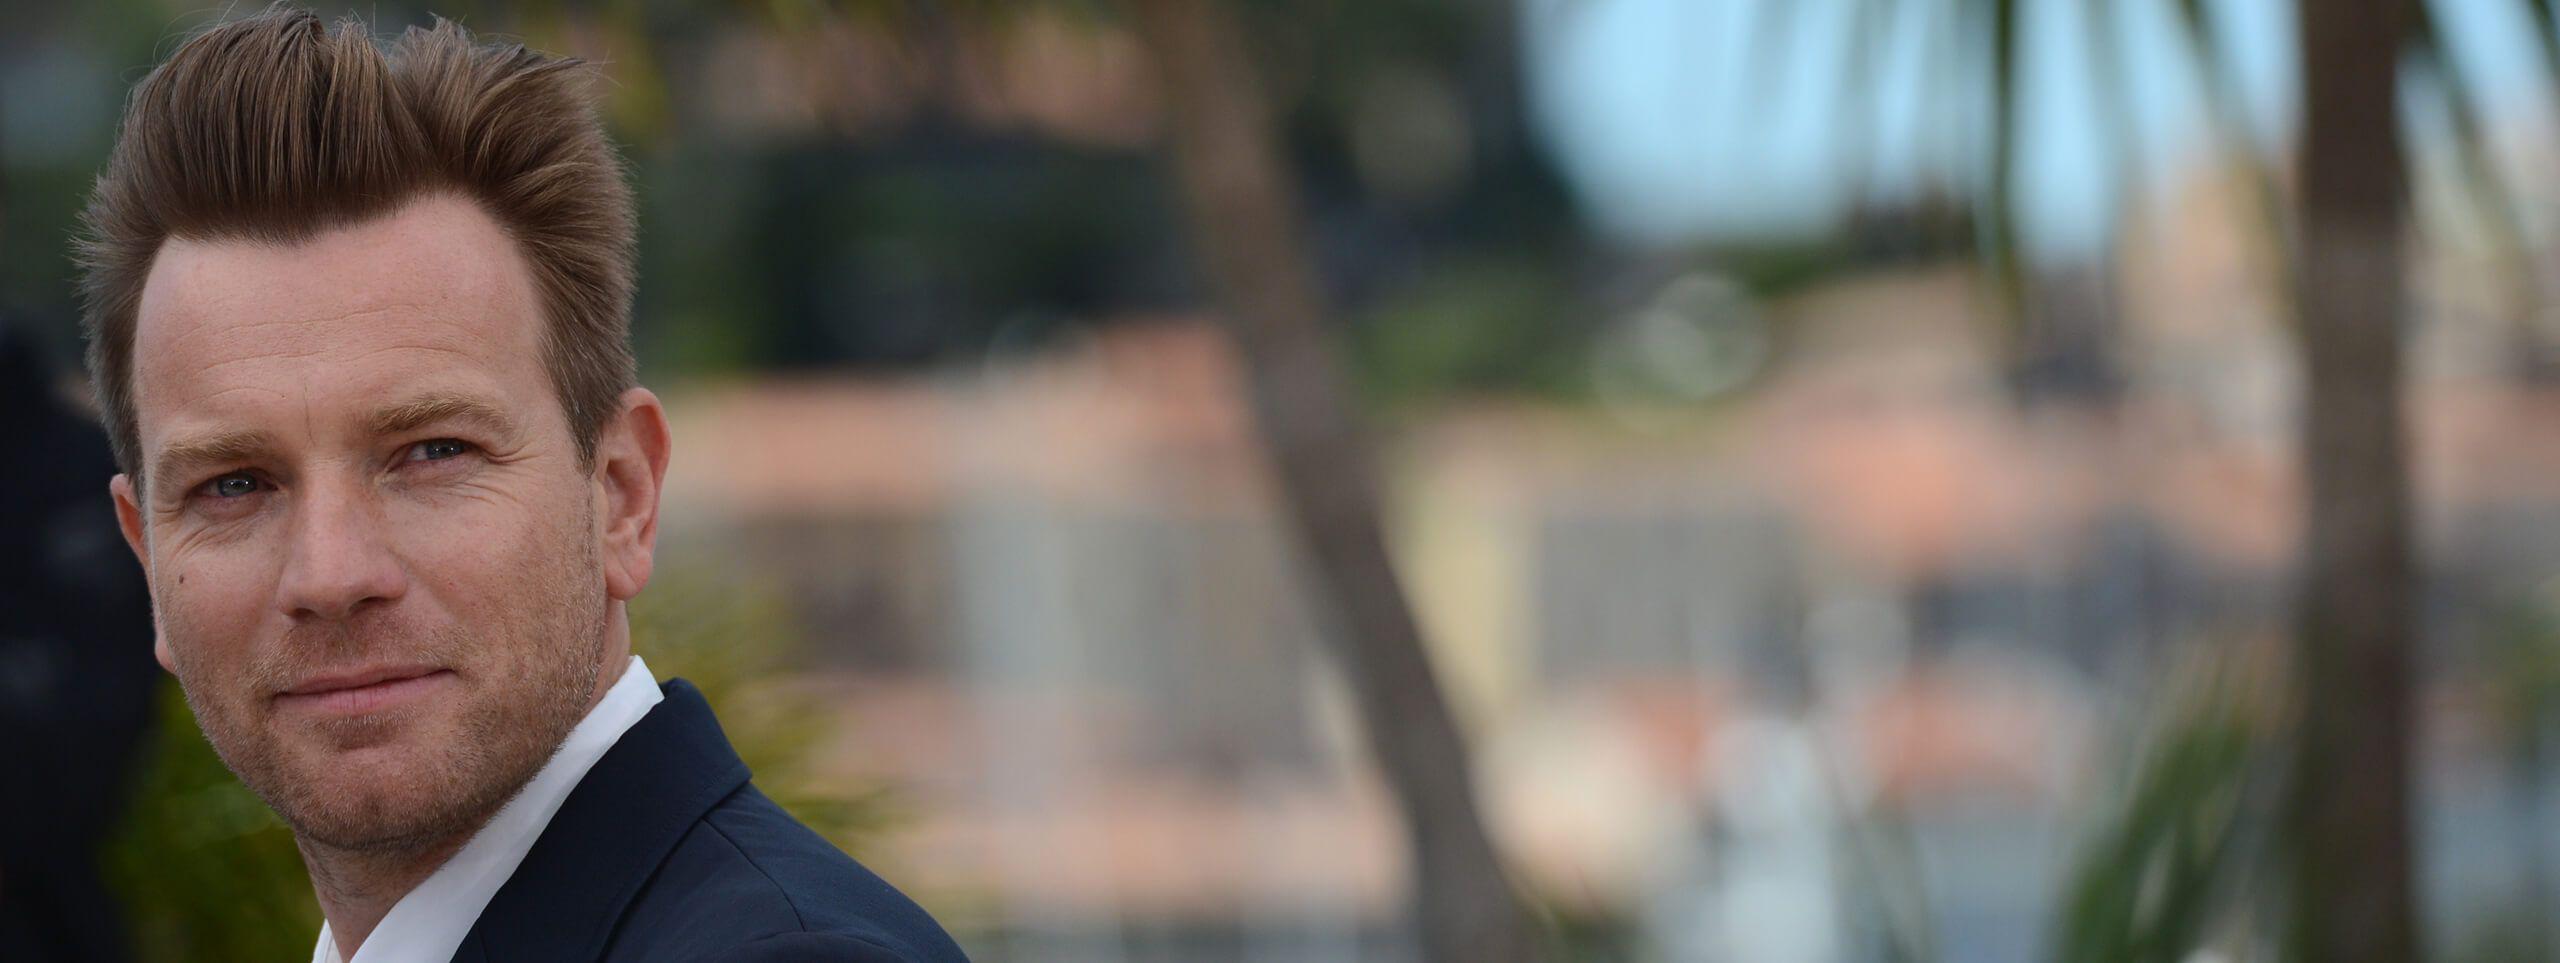 Ewan McGregor z krótka męska fryzurą